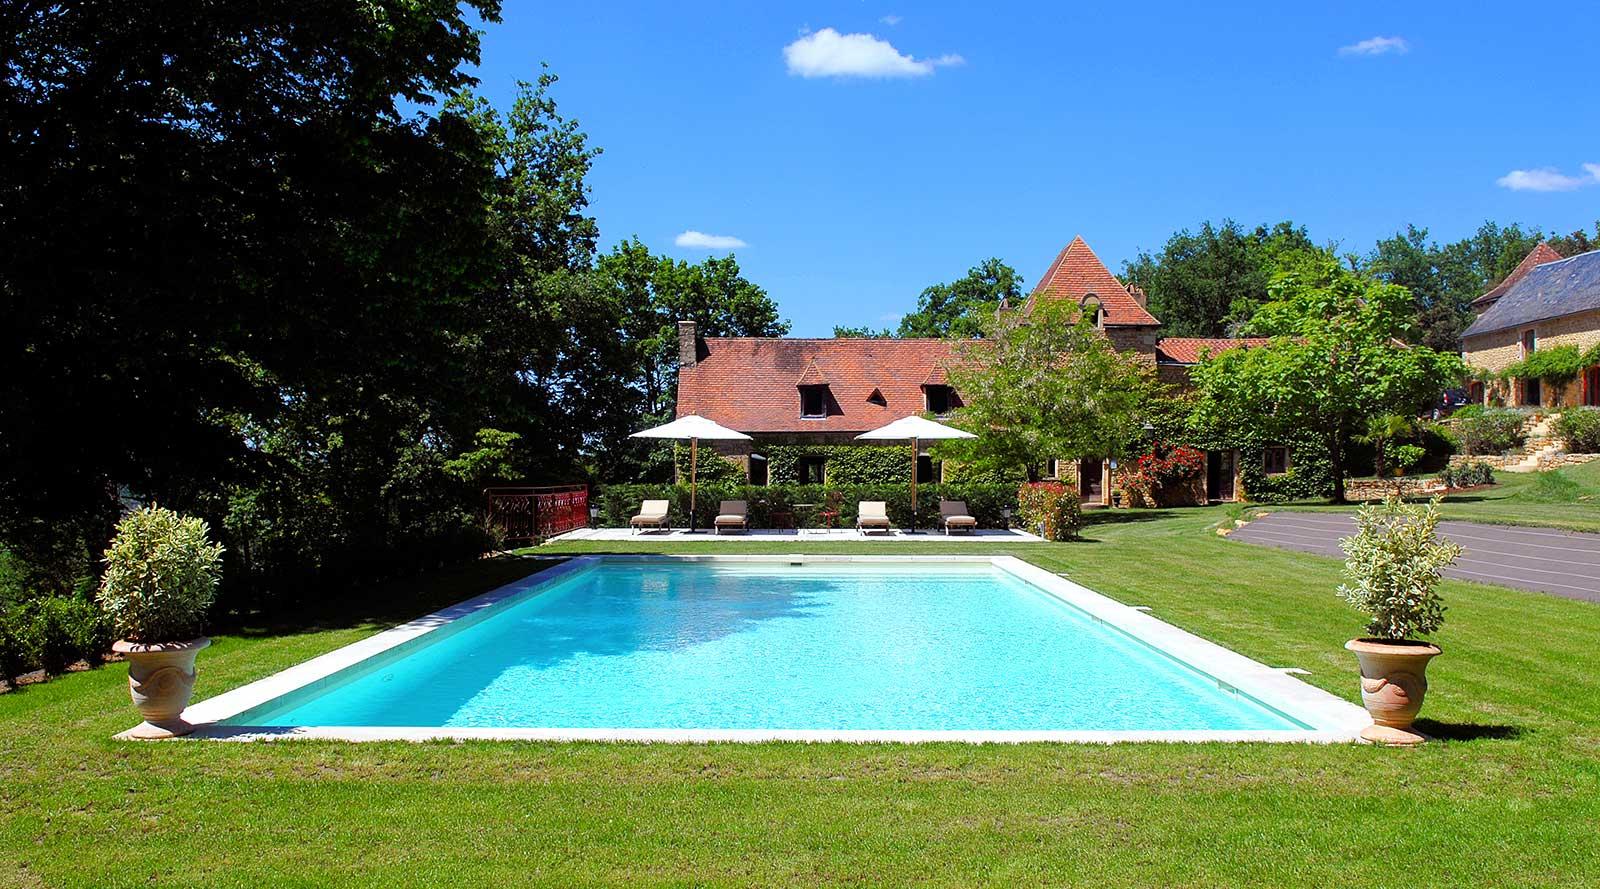 une piscine dans un manoir avec deux chambres d'hotes haut de gamme